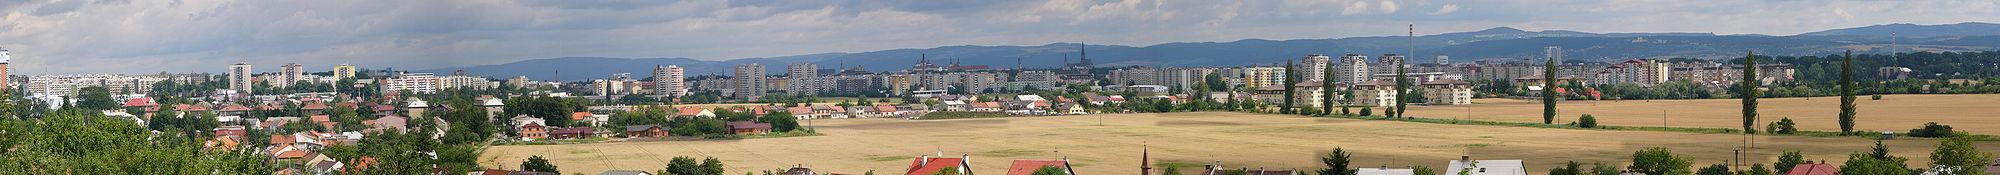 Panorama Olomouce od jihozápadu: nejvyšší je katedrála svatého Václava, vlevo od něj věž kláštera Hradisko (za komínem), vlevo dvě věže kostela Panny Marie Sněžné, vlevo od něj kostel sv. Michala (za komínem), vlevo (za silem) je věž od radnice a hned vedle část kostela sv. Mořice. Úplně na levém okraji fotky je výšková stavba s vodojemem (celá ta bílá krychle nahoře). V pozadí je kostel na Svatém Kopečku a napravo Radíkovská rozhledna. Vlevo od kostela na Sv. Kopečku je výšková budova Regionálního centra Olomouc (poblíž hlavního nádraží) a dále vlevo je vidět šedé odsířovací zařízení teplárny Olomouc a komín teplárny.